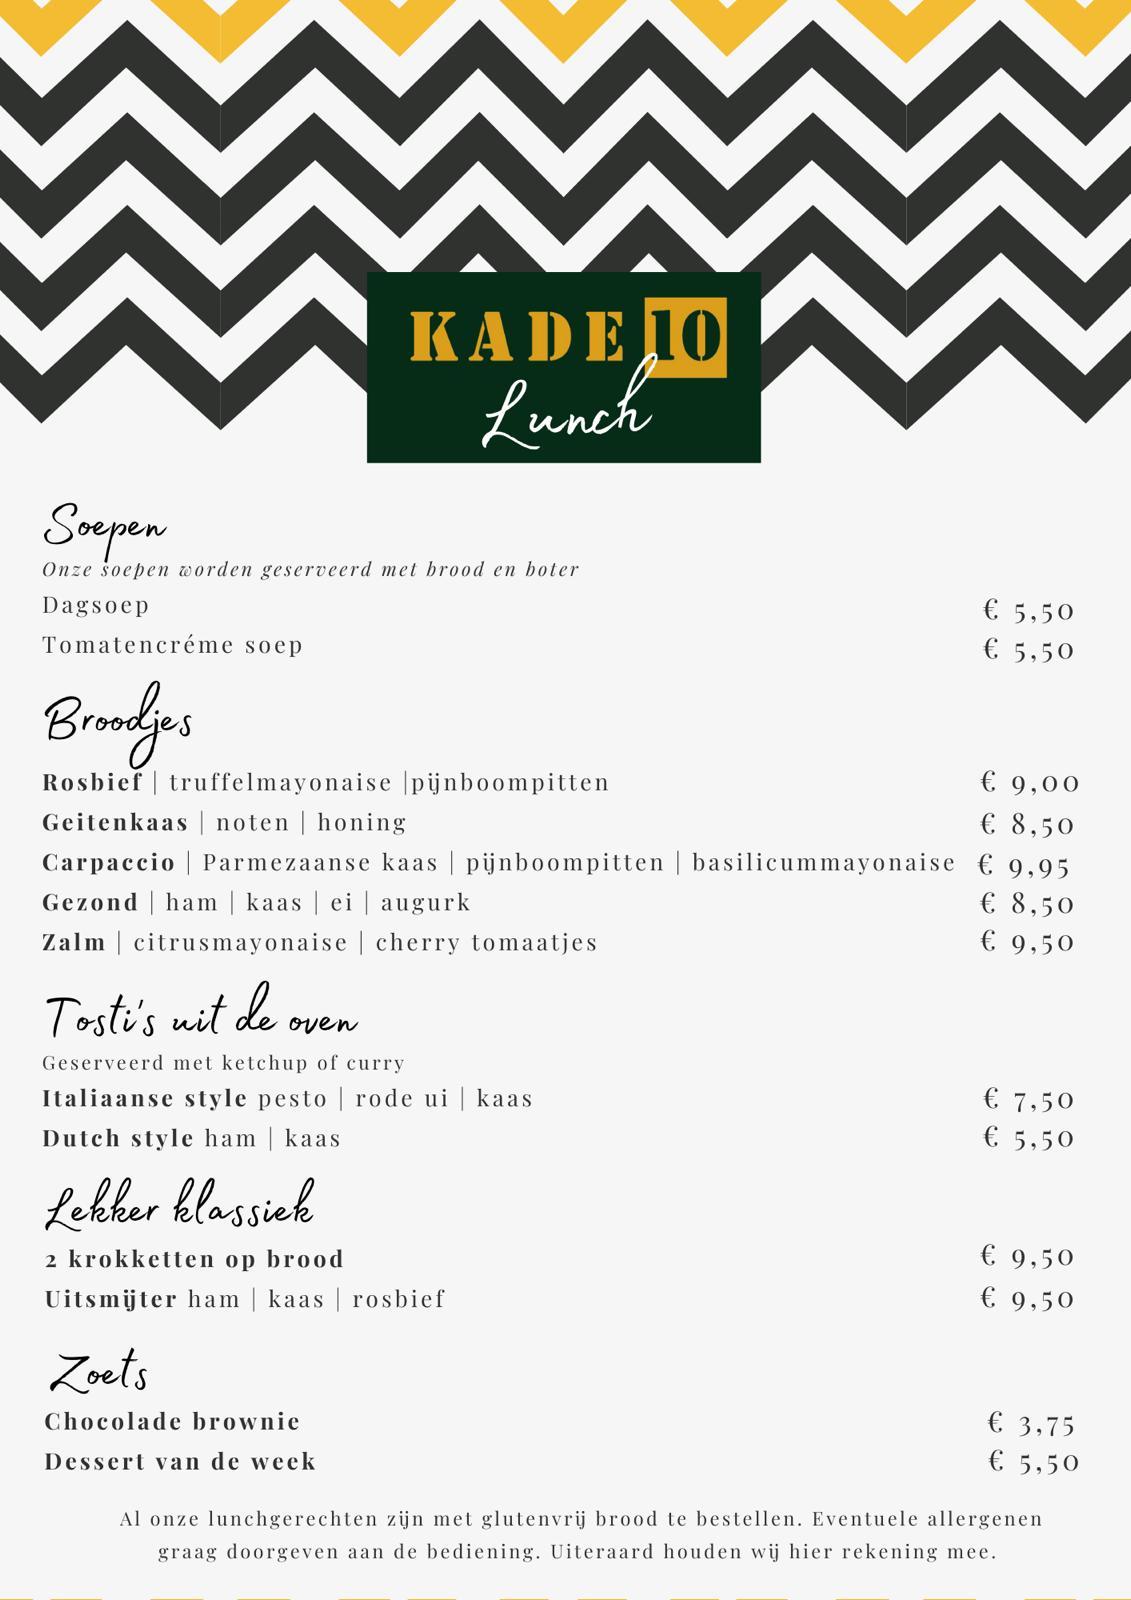 Lunchkaart Kade 10 Nijkerk